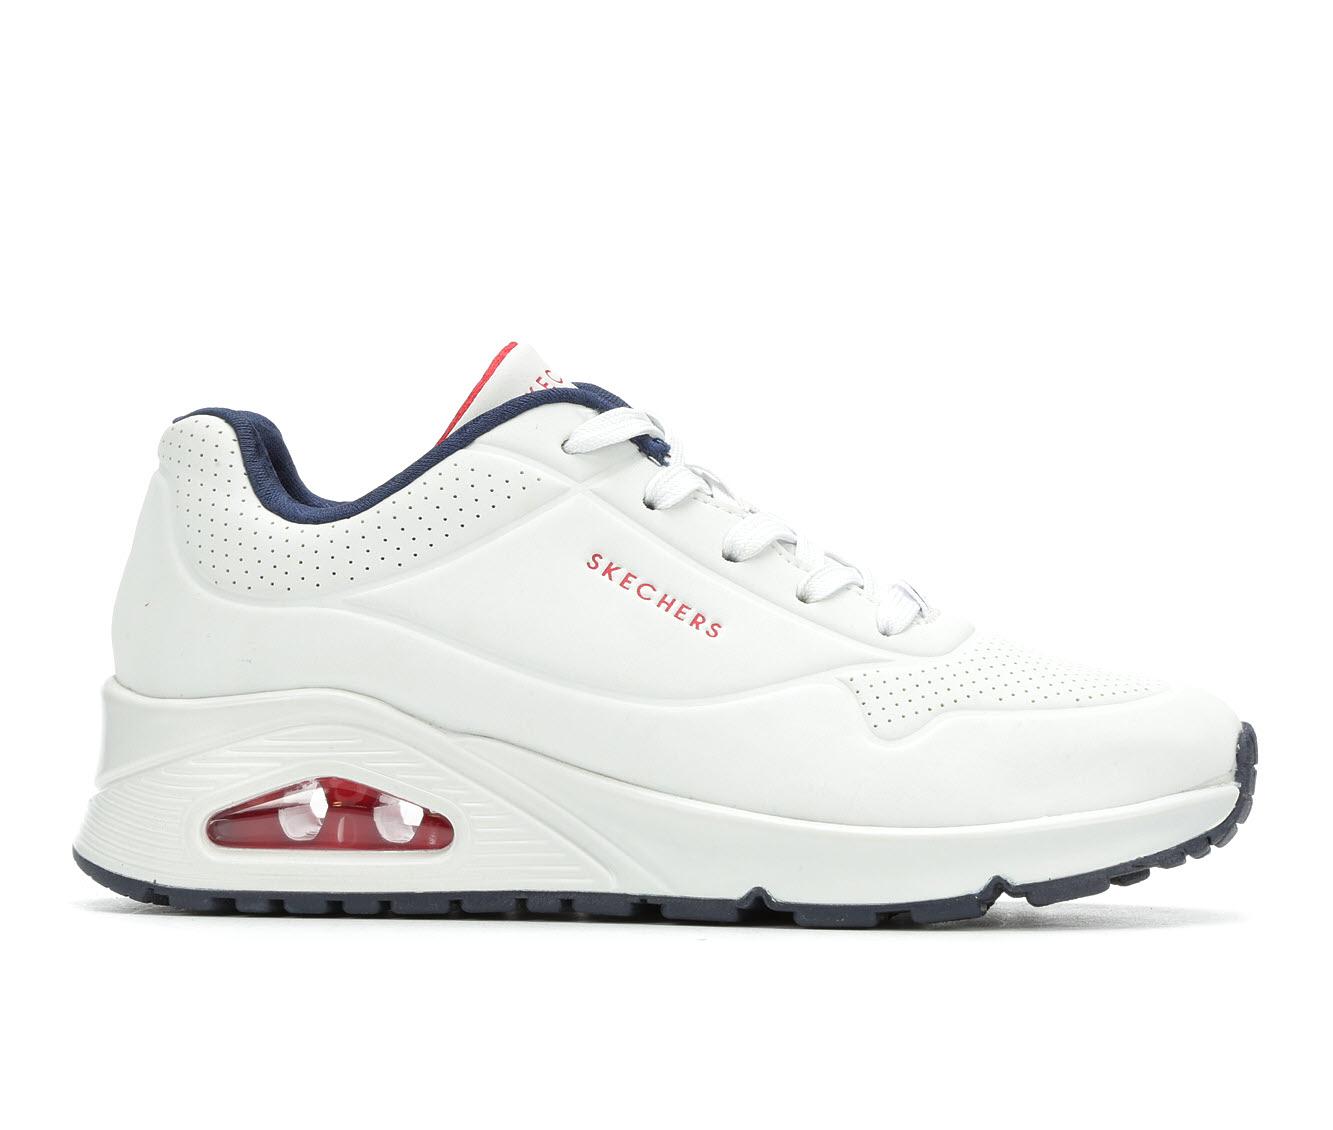 skechers ladies white sneakers